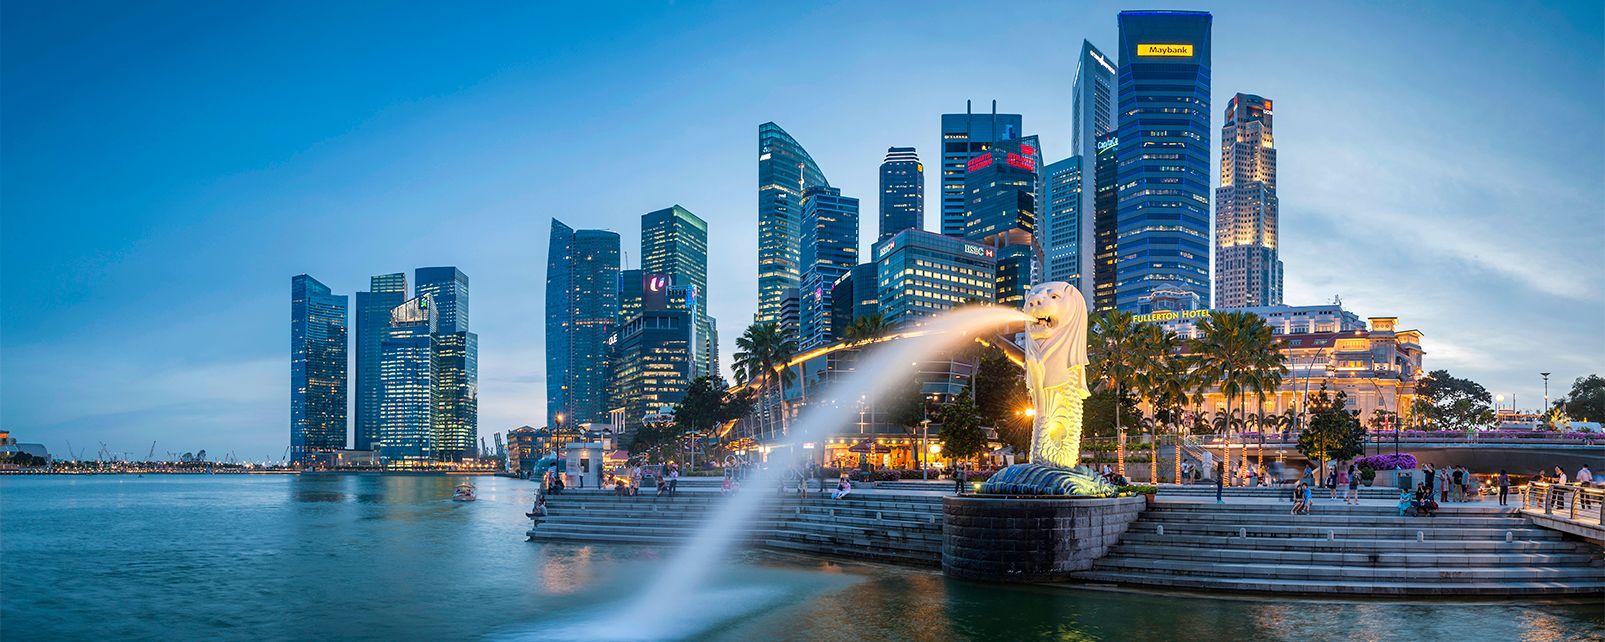 Offerte soggiorni singapore lista localit soggiorni for Case da 2500 a 3000 piedi quadrati